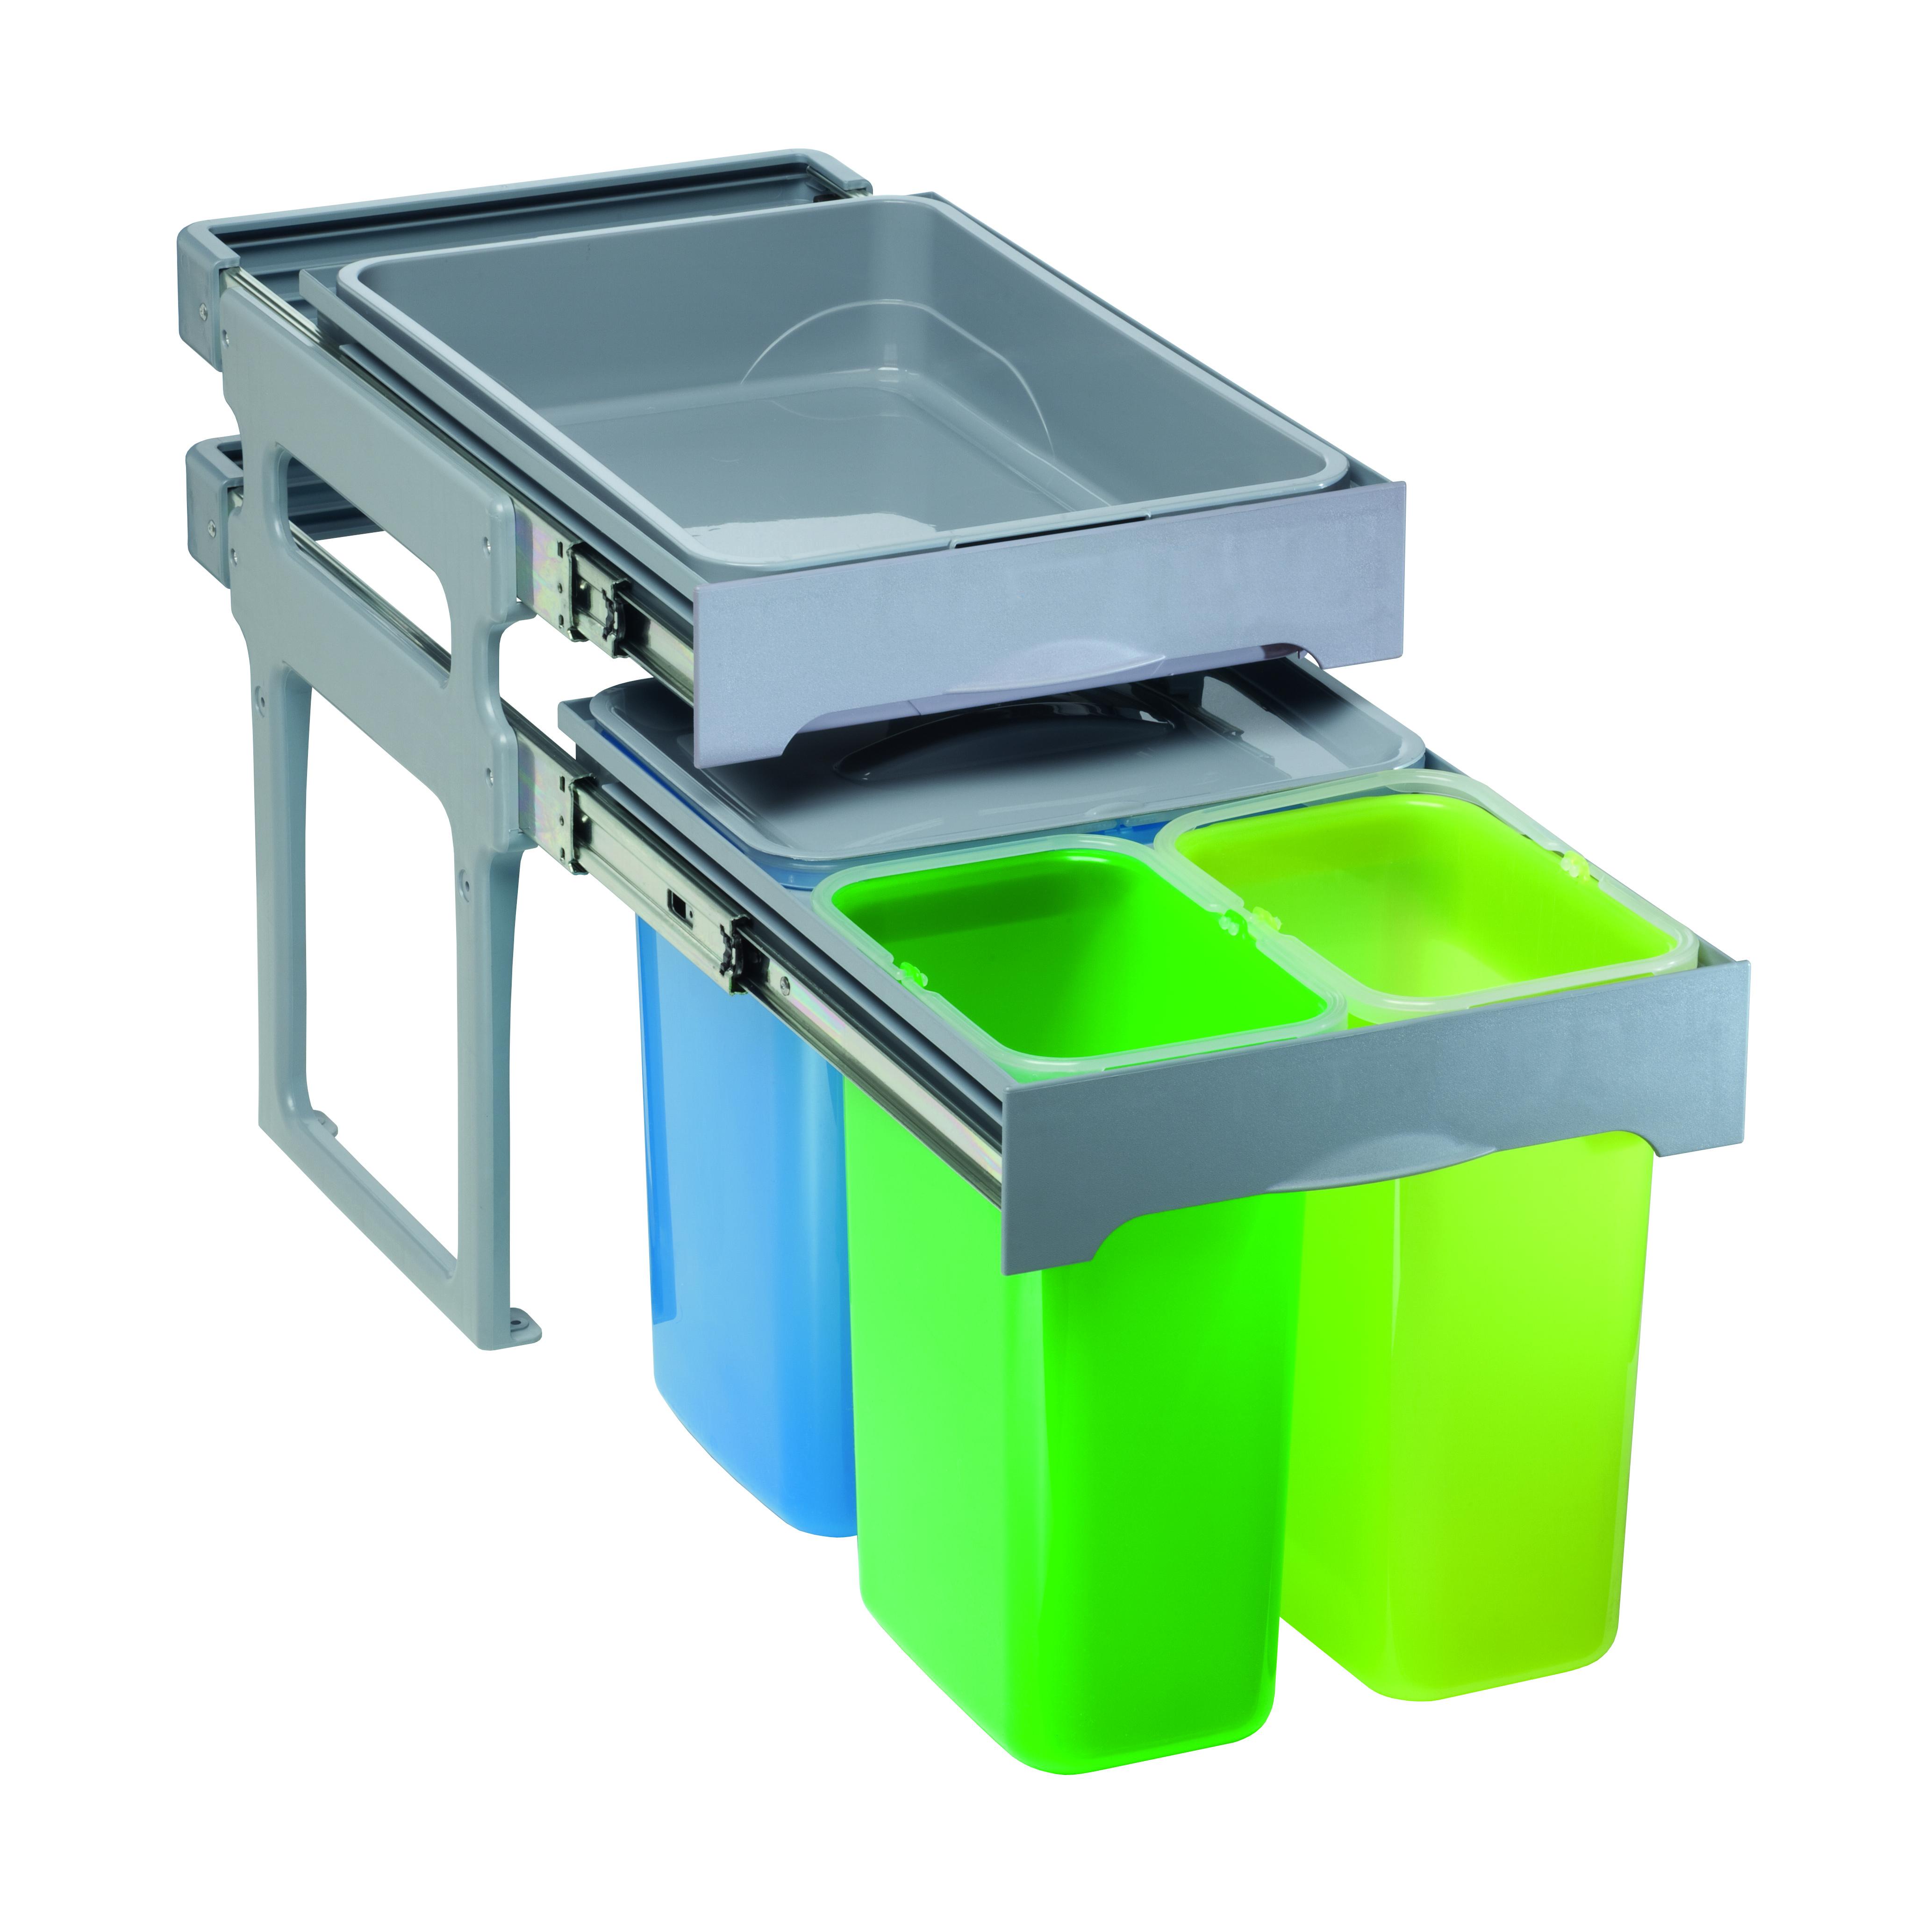 Abfallsammler Mülleimer 3-fach Mülltrennsystem Abfalleimer 45 cm Schrankbreite